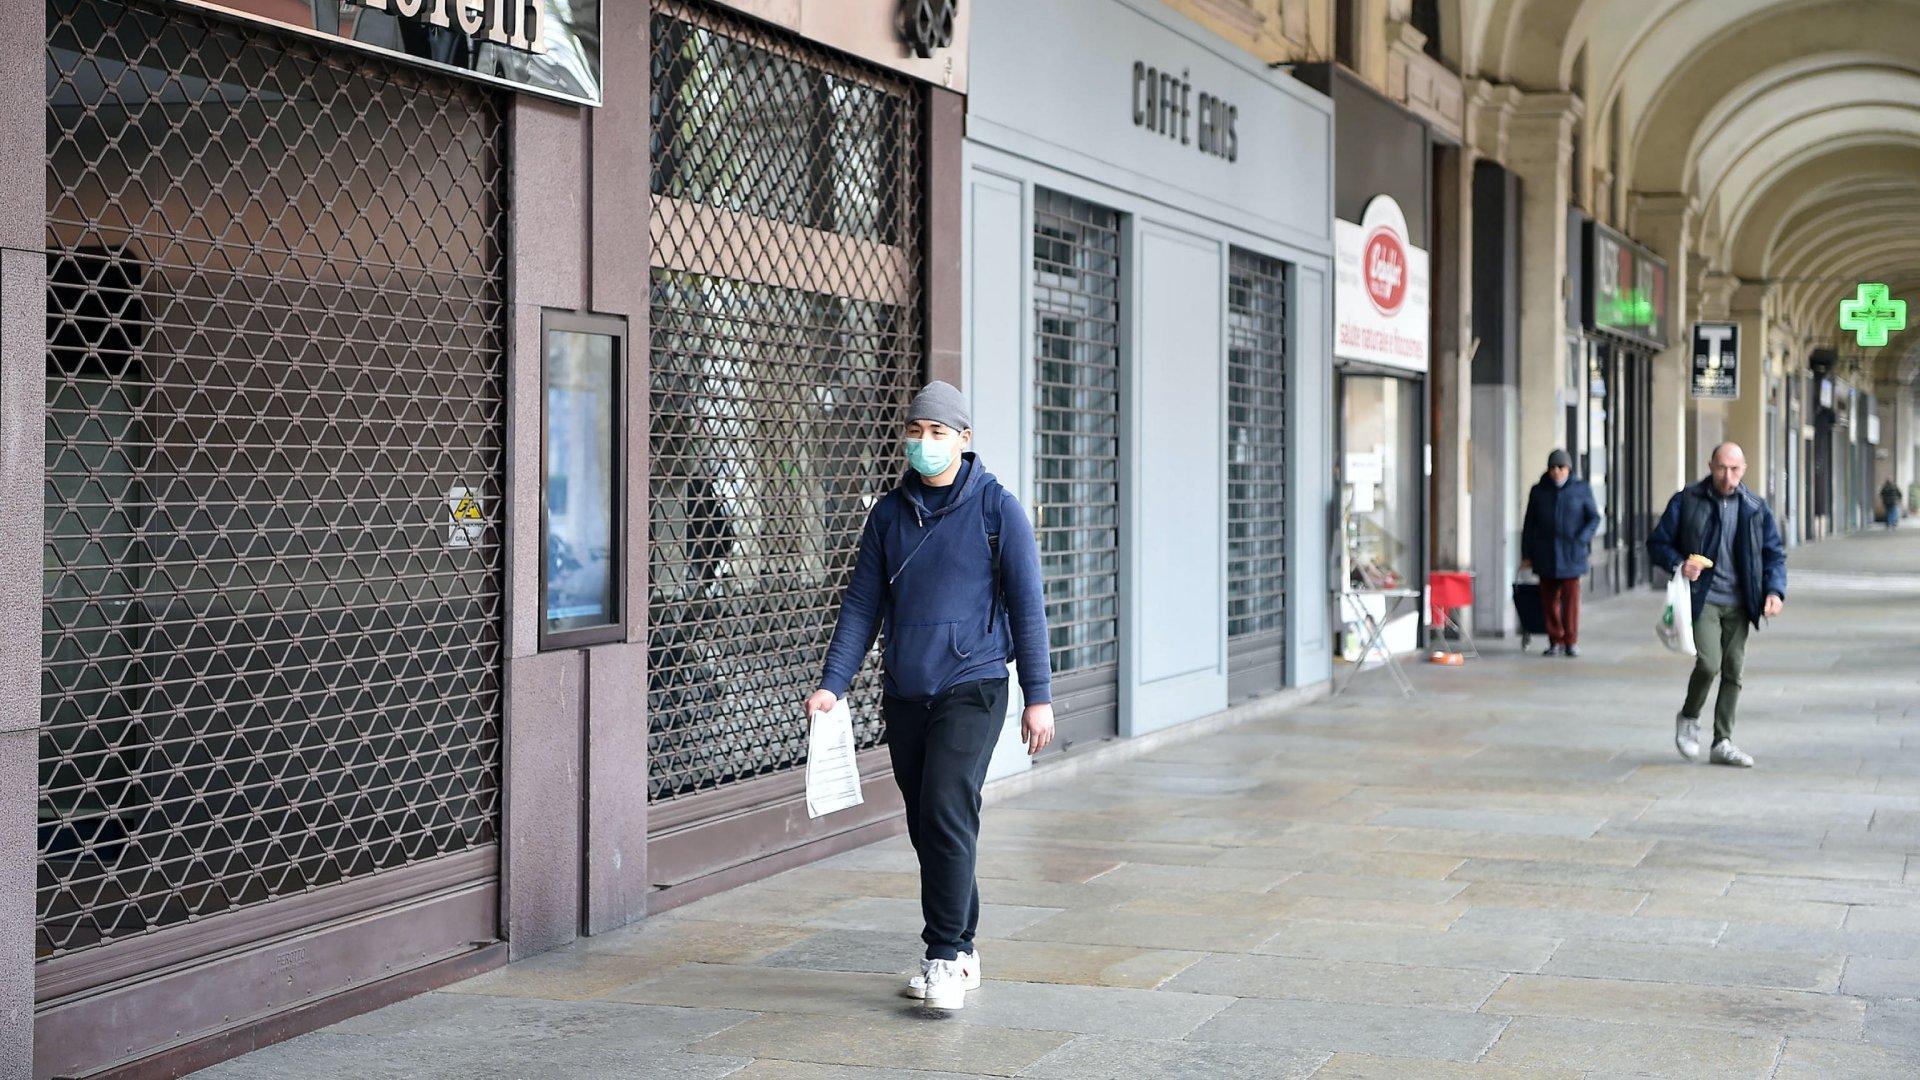 Bezárt üzletek a torinói Cernaia utcában 2020. március 12-én, miután a koronavírus terjedése miatt elrendelték a nem létfontosságú kiskereskedelmi egységek bezárását Olaszországban (Fotó:MTI/EPA/ANSA/Alessandro Di Marco)